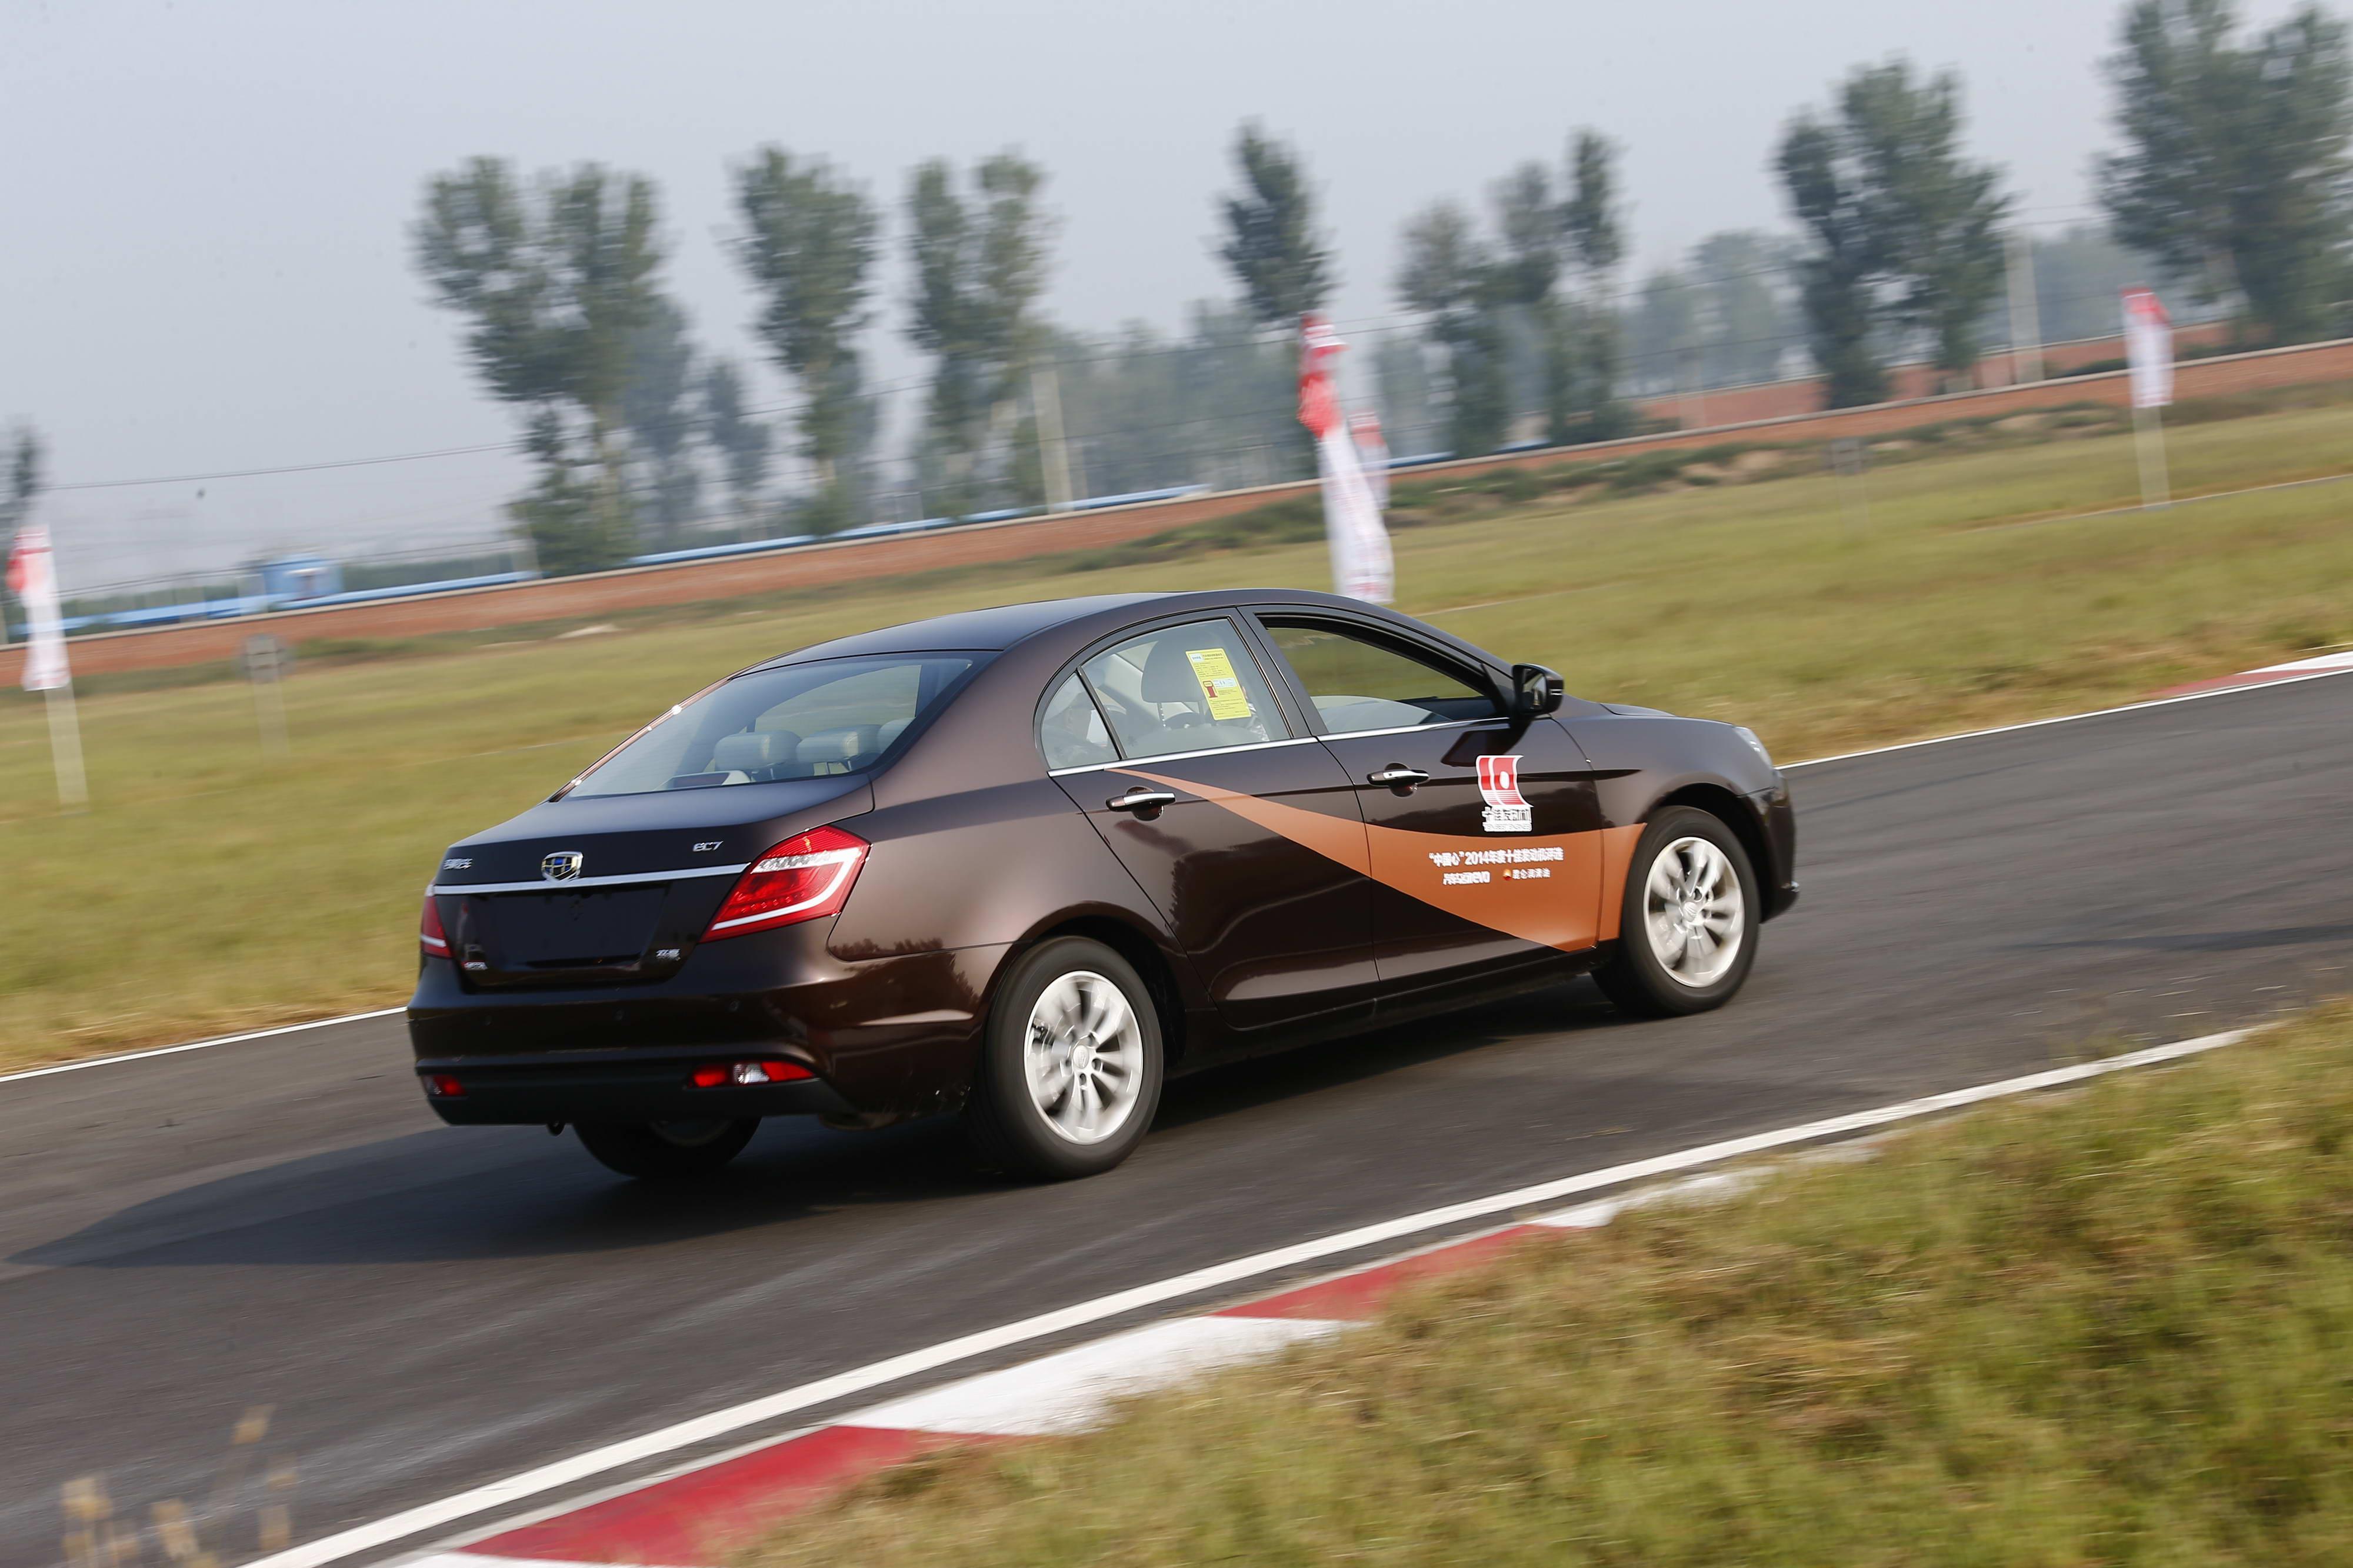 沃尔沃、世界第二大变速箱dsi变速箱的吉利汽车,终于开始发力高清图片